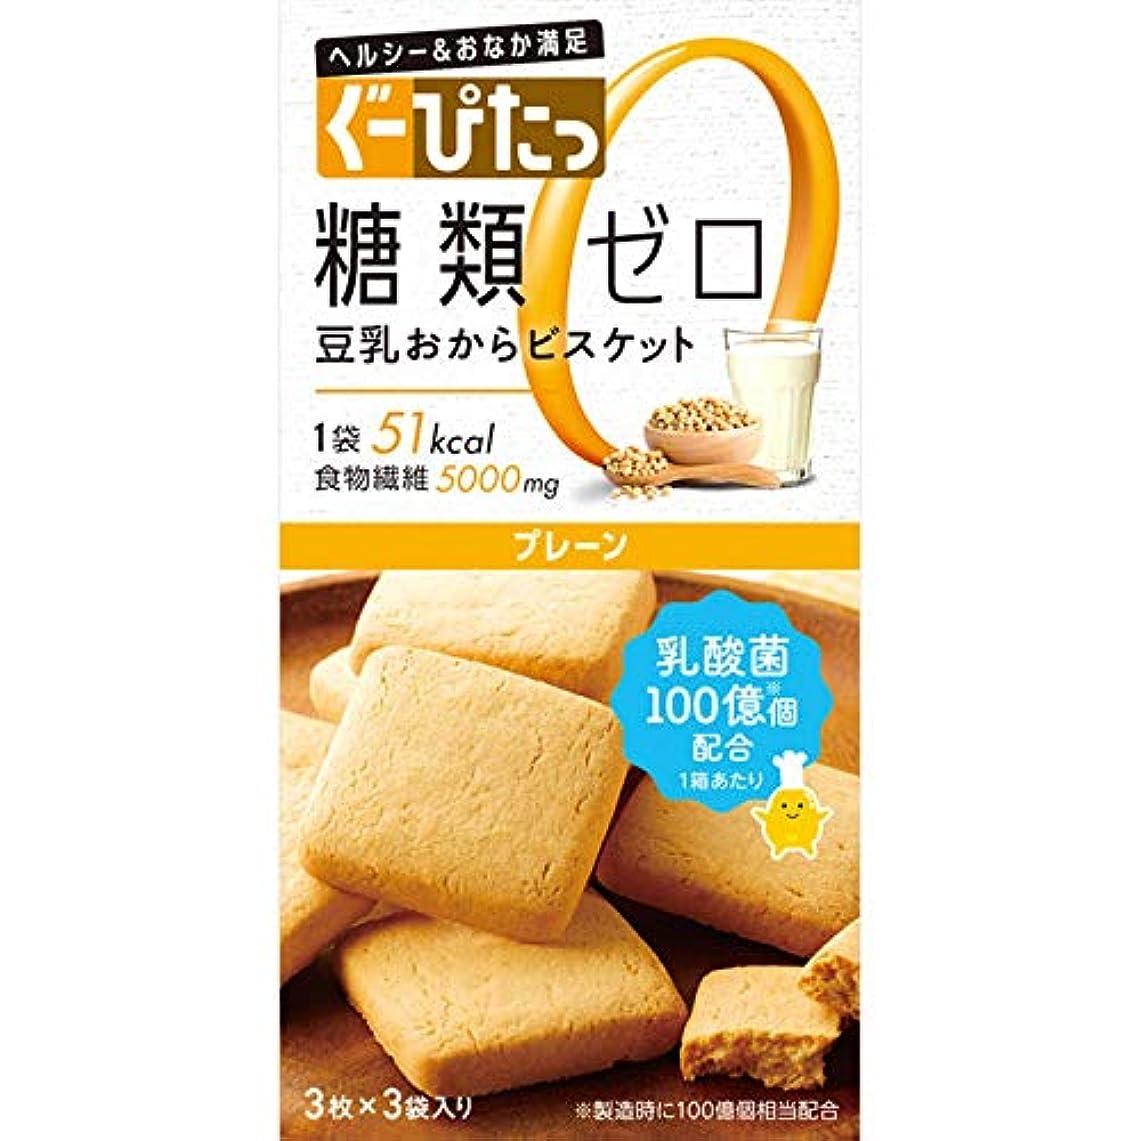 正しいうなずく床ナリスアップ ぐーぴたっ 豆乳おからビスケット プレーン (3枚×3袋) ダイエット食品